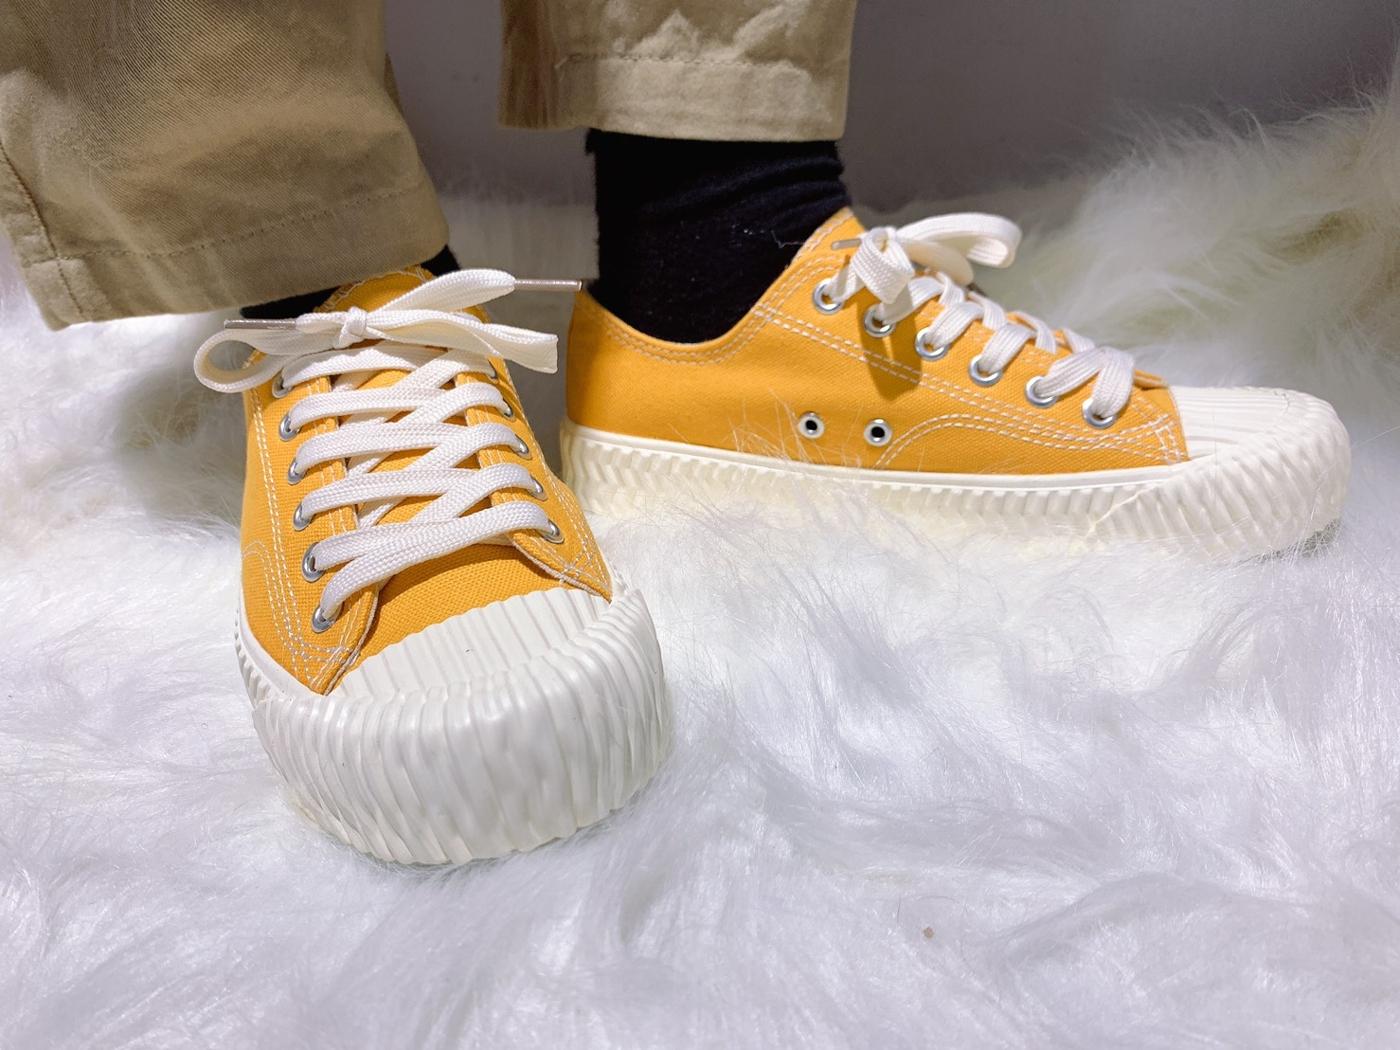 X-INGCHI. 女餅乾頭布鞋 黃 NO. X0018